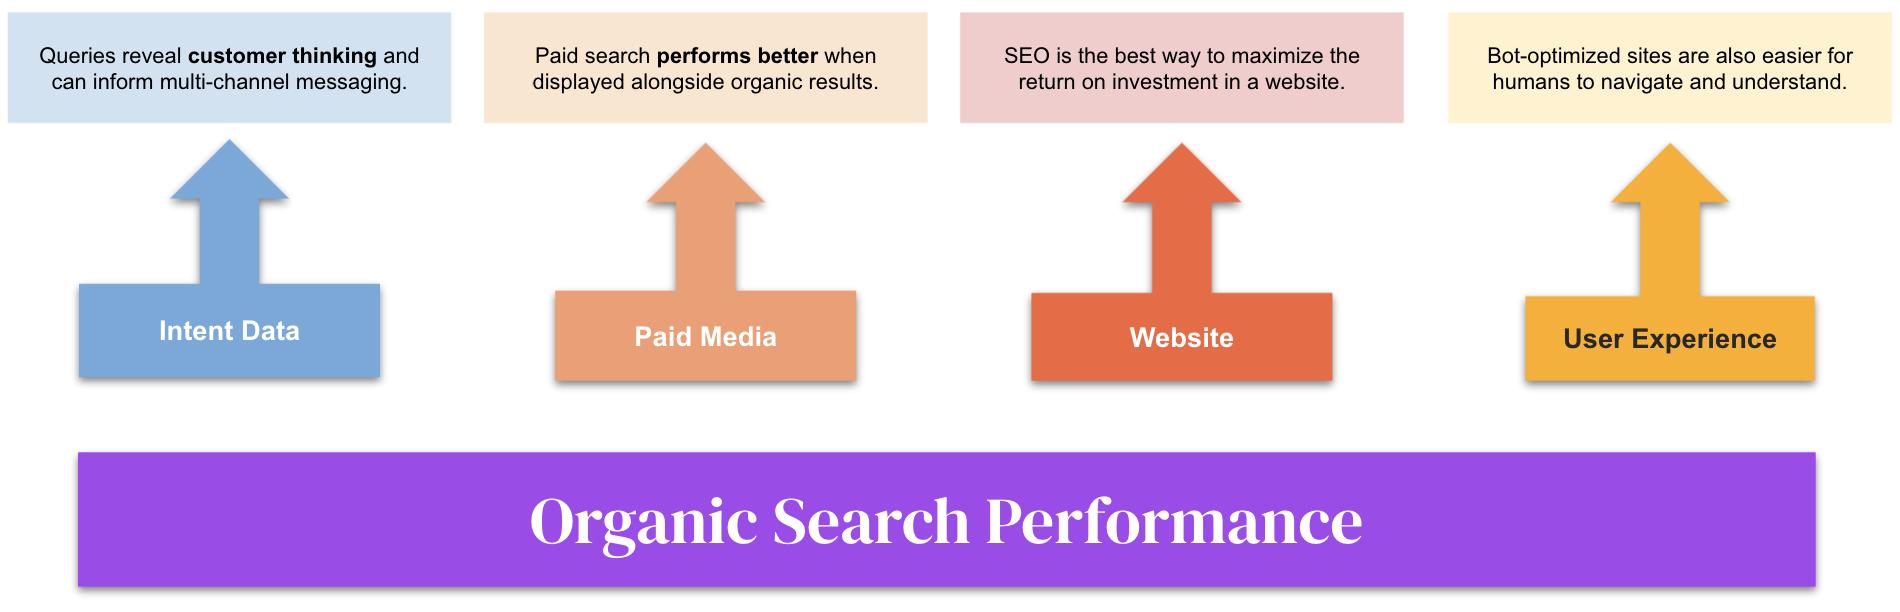 El impacto de la búsqueda orgánica en otros canales